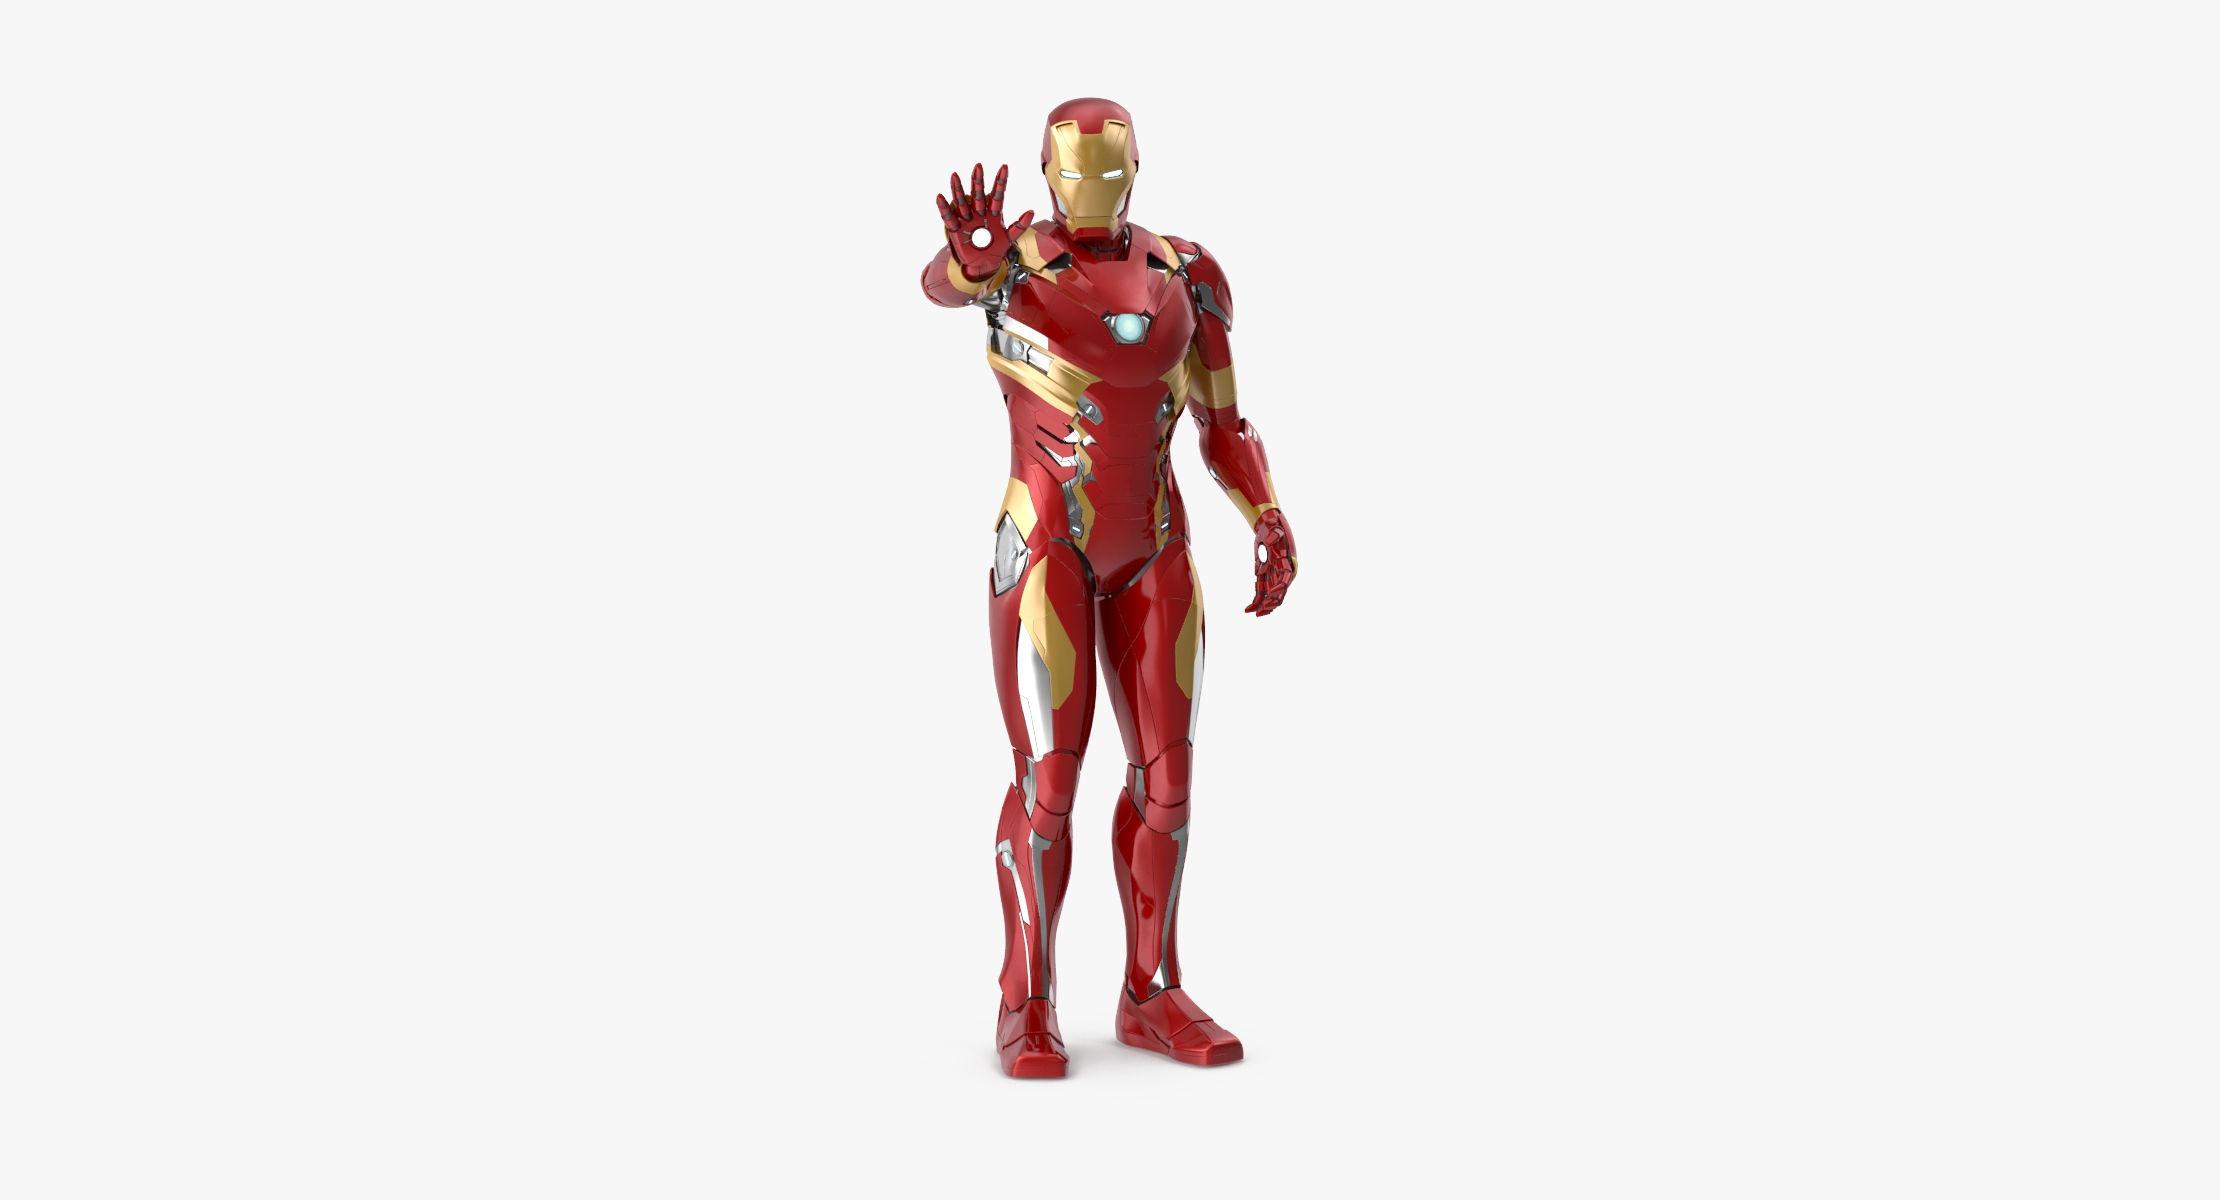 Iron Man Mark 46 - Warning Pose - reel 1